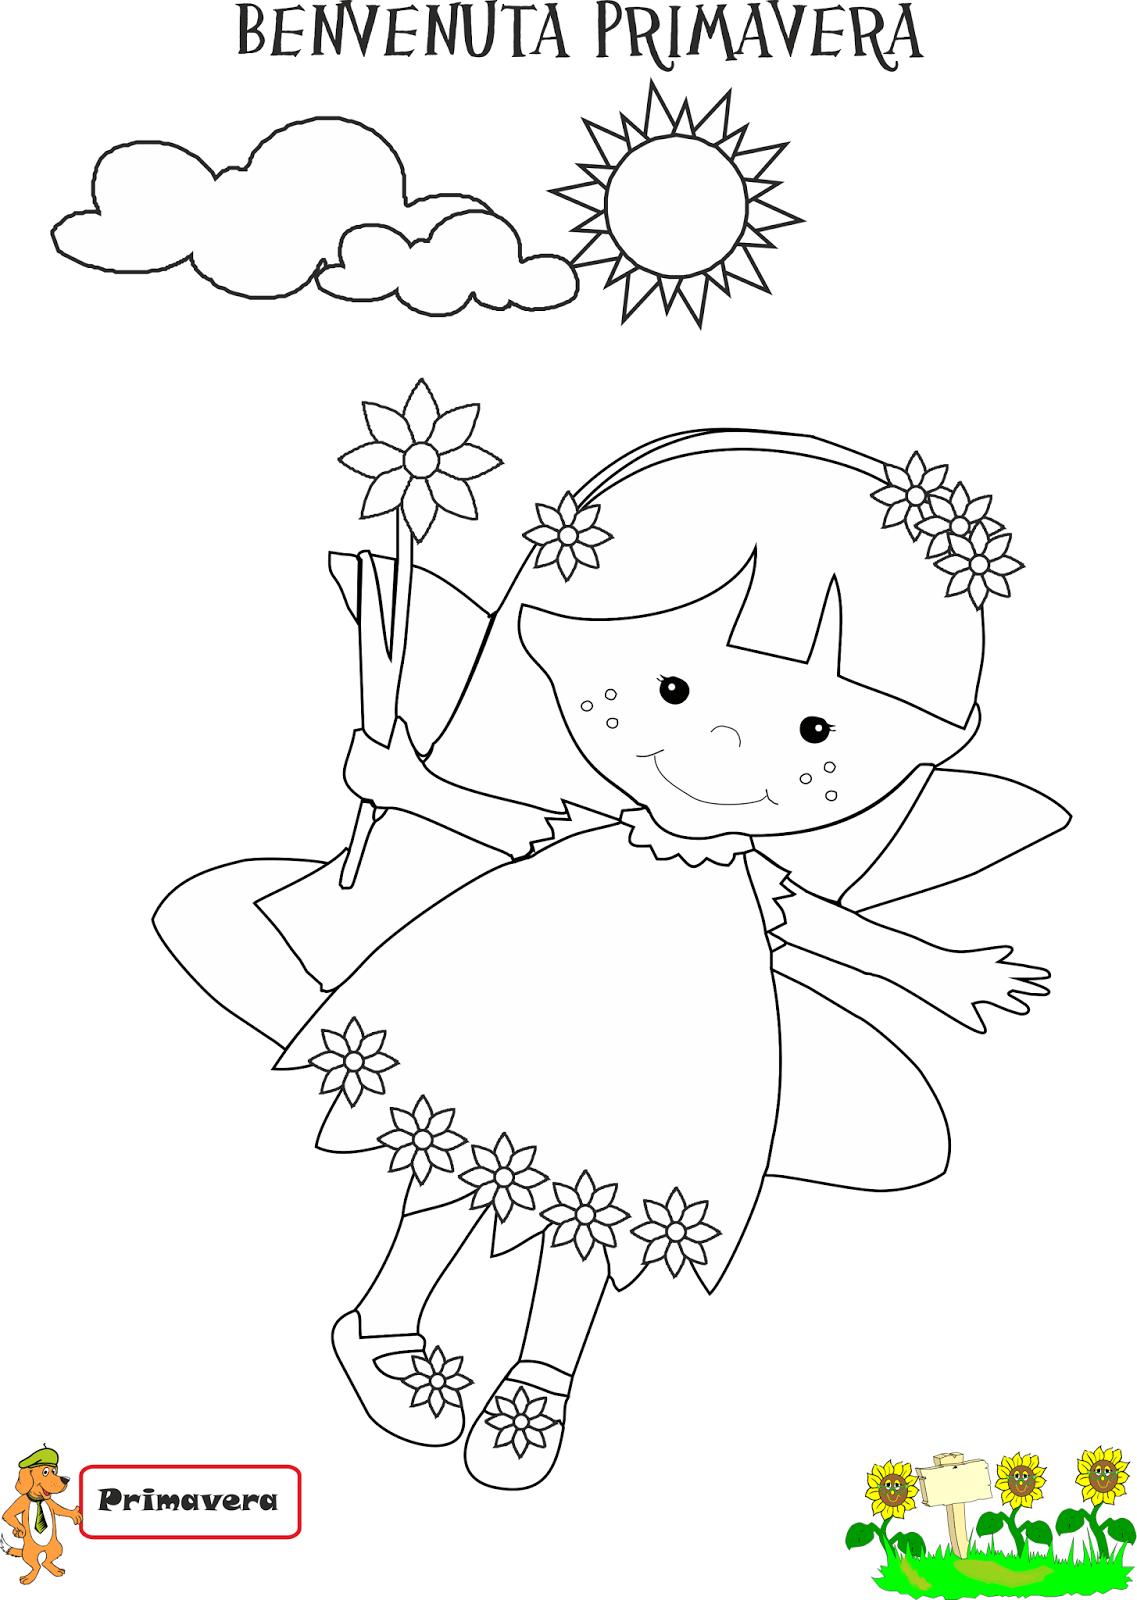 A scuola con poldo re ludos e la fata primavera - Fata immagine da colorare ...